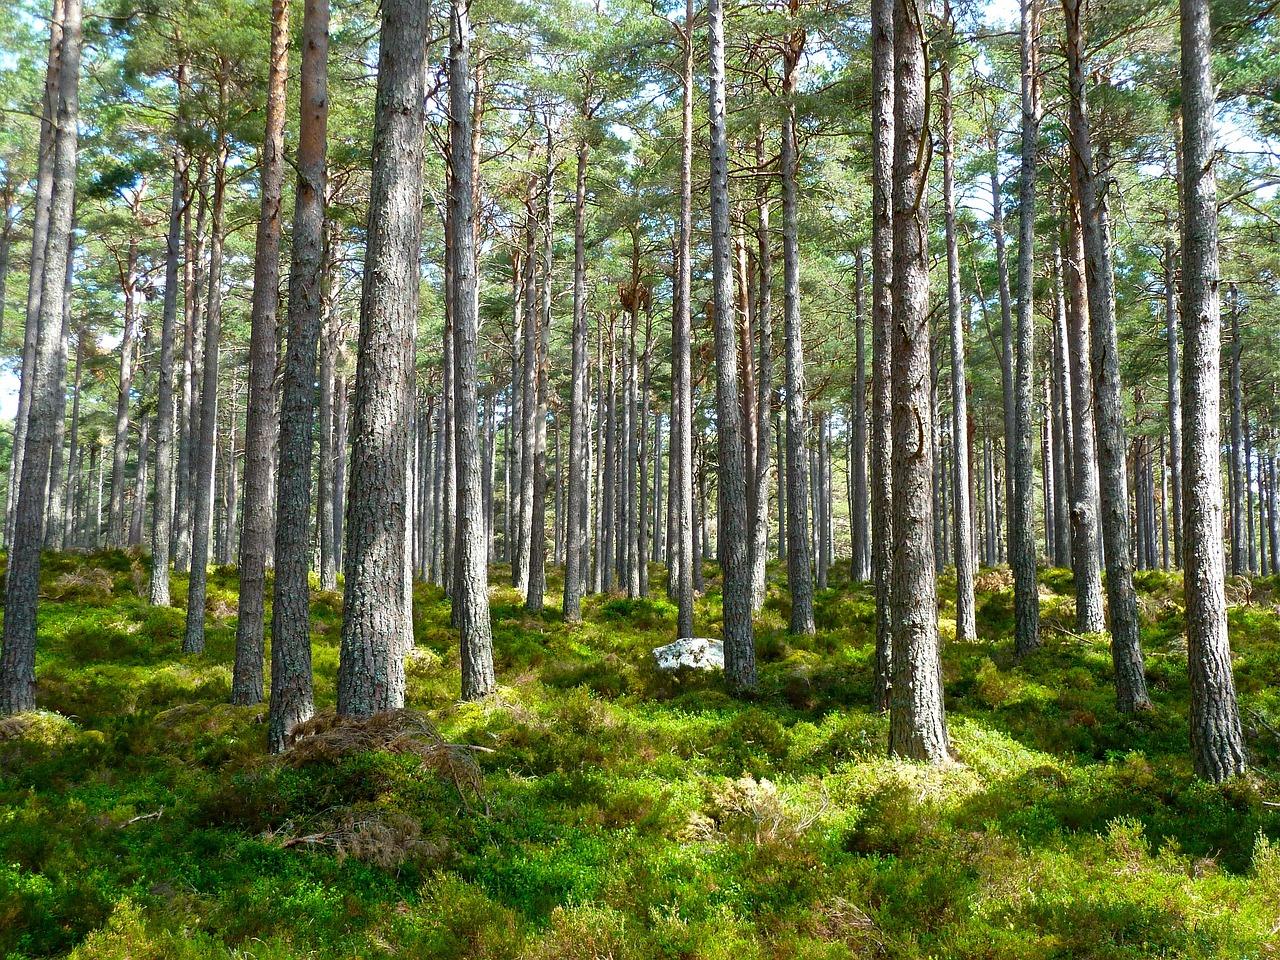 этом ключе деревья леса нижегородской области фото важное напоминания, что